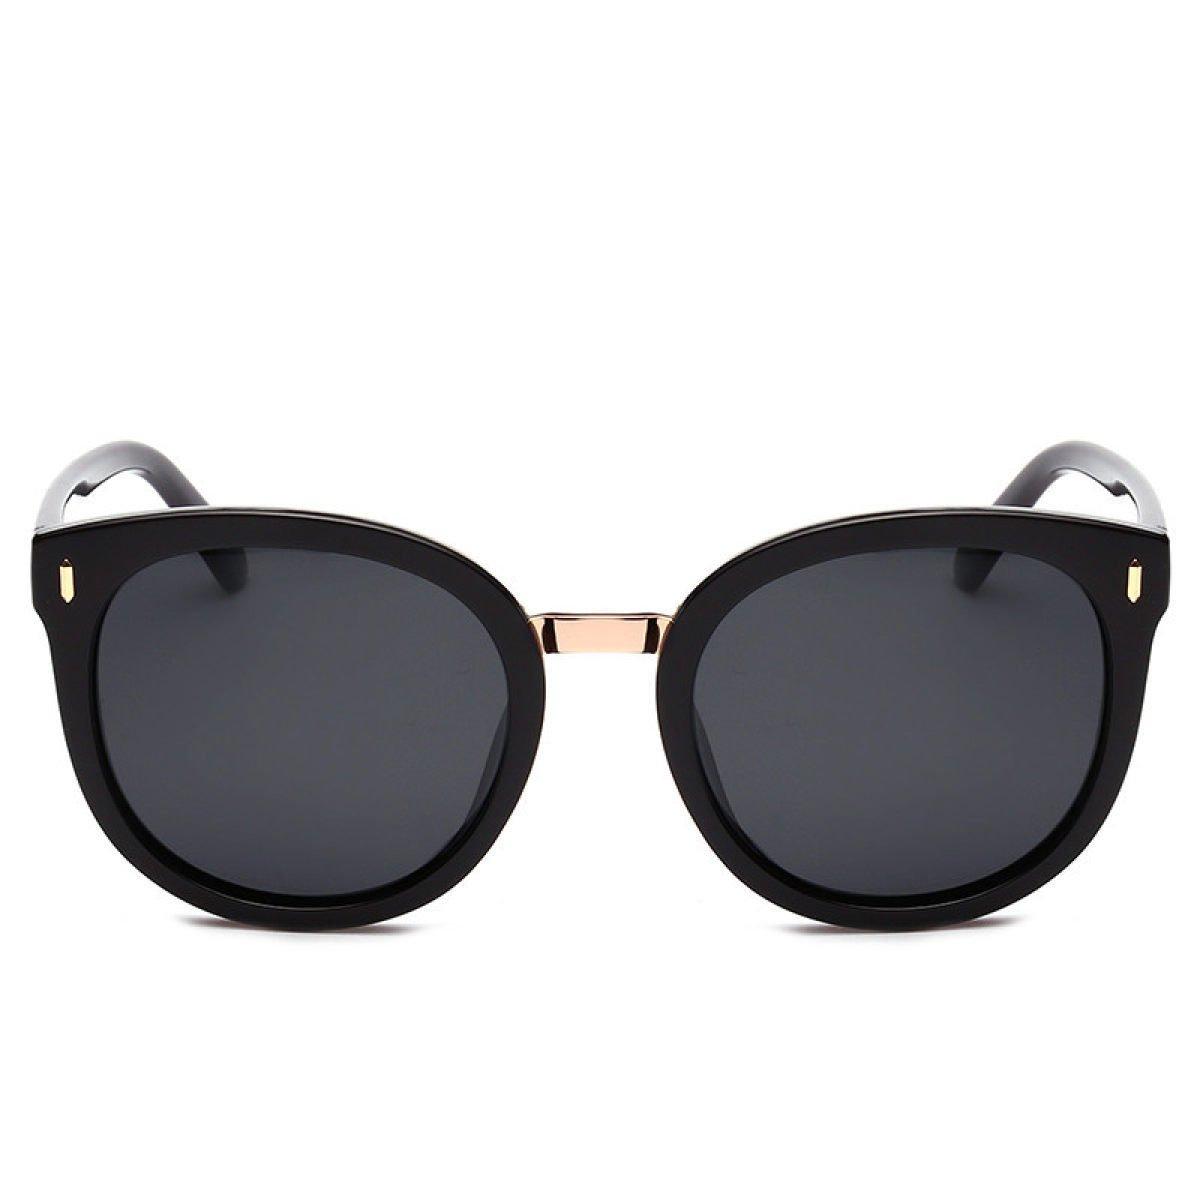 Wkaijc Männer Und Frauen Farbe Film Mode Metall Polarisierende Persönlichkeit Komfort Kreativität Sonnenbrillen Sonnenbrillen,Purple